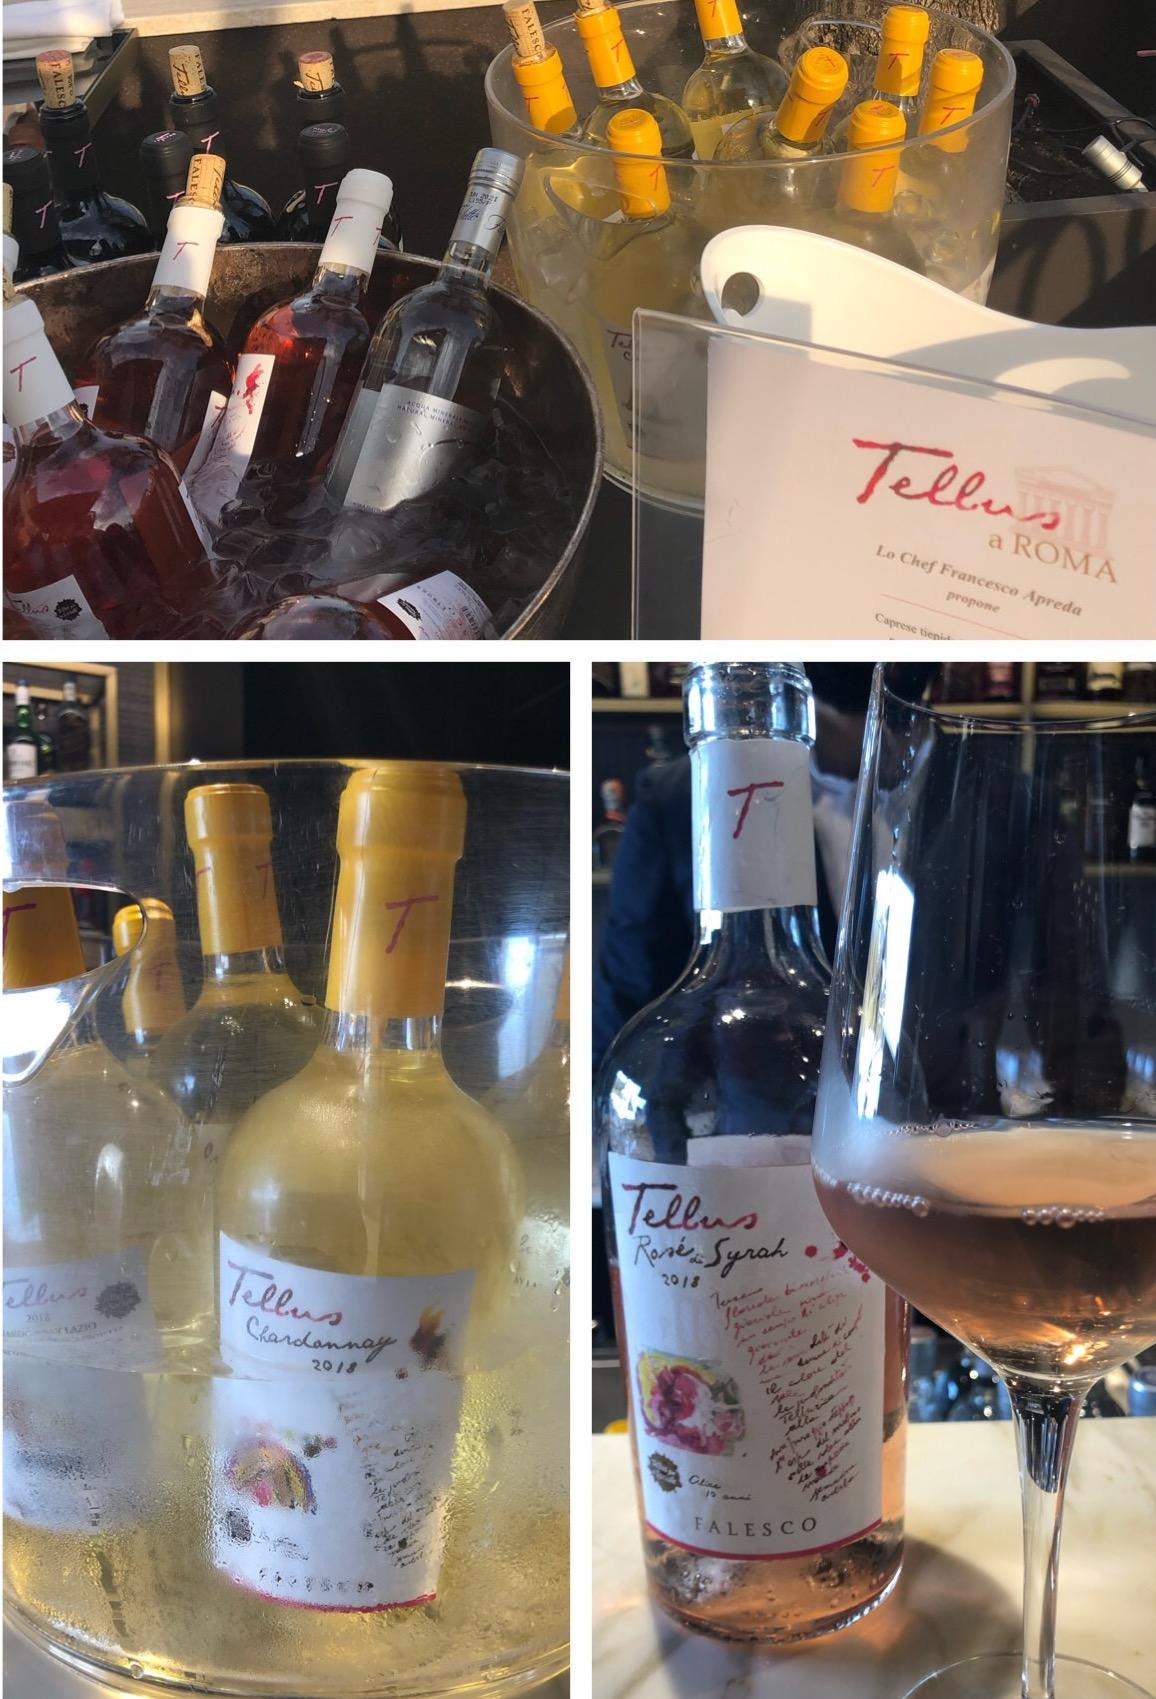 Il vino Tellus Falesco